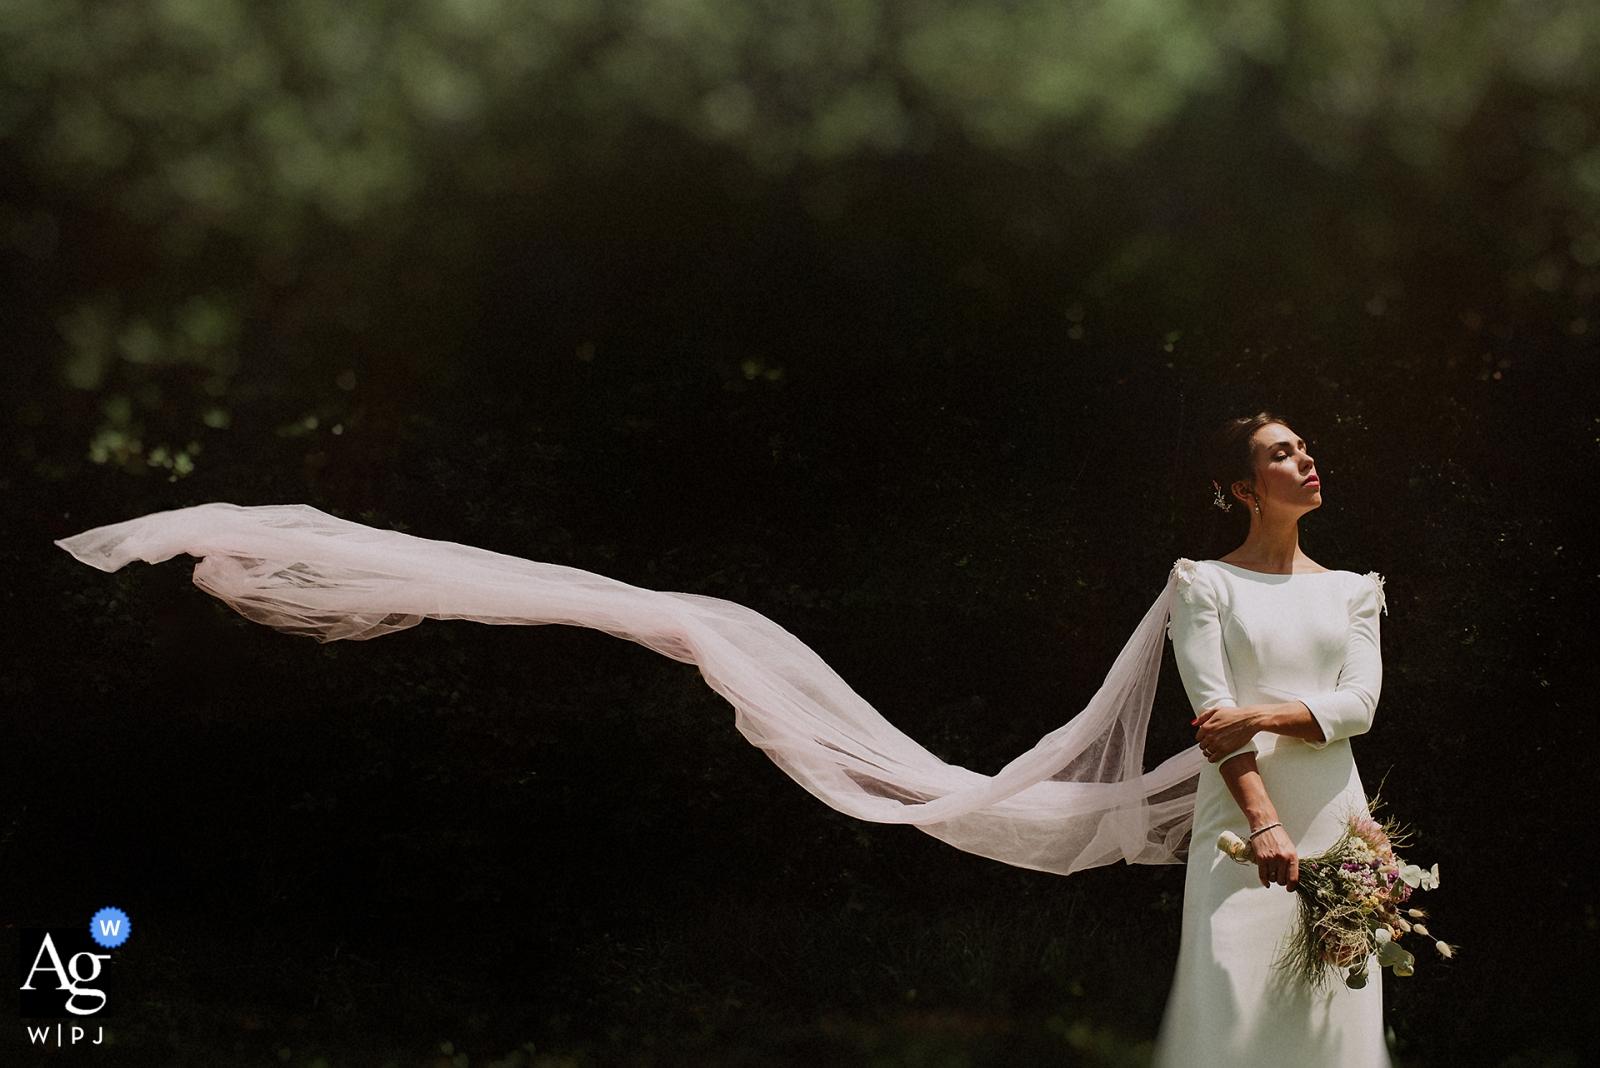 Gipuzkoa-Porträtfotoaufnahme-Sitzung der Braut draußen mit fließendem Schleier im Wind